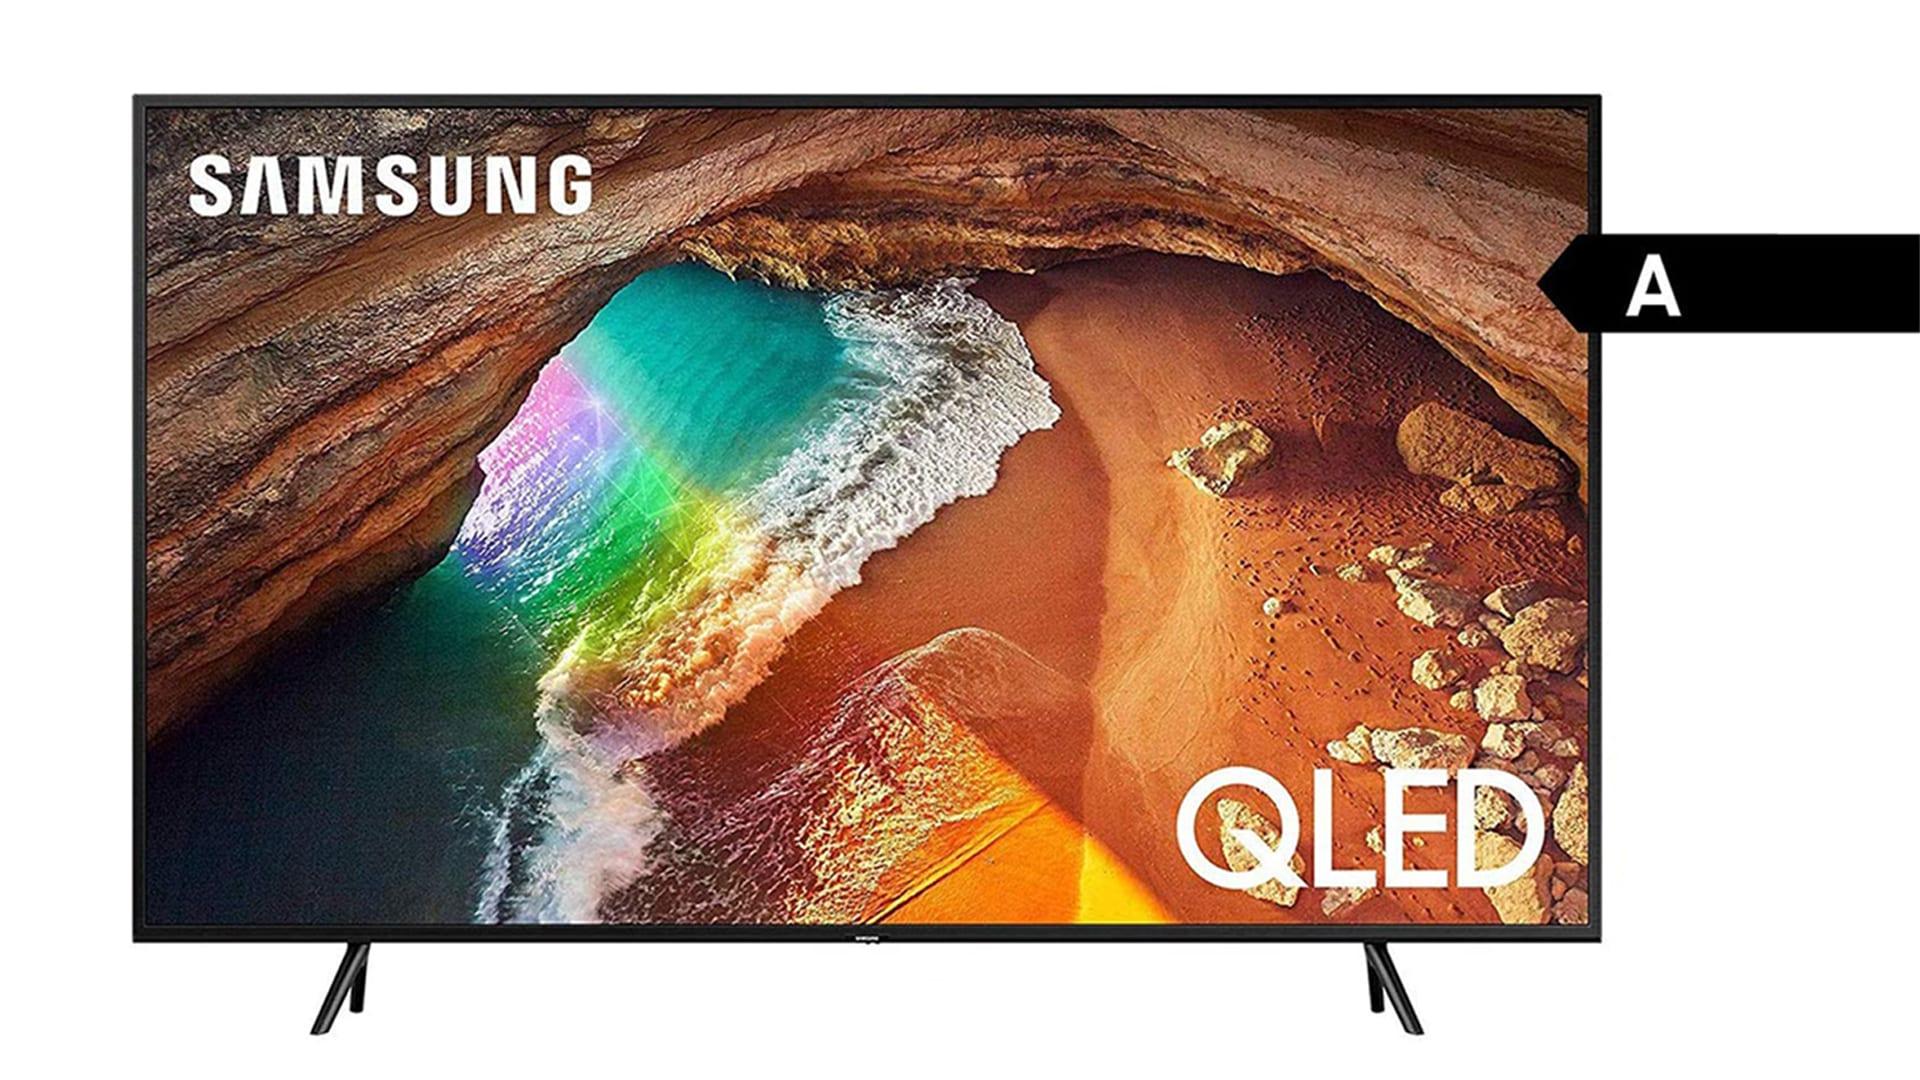 Samsung UHD-Fernseher